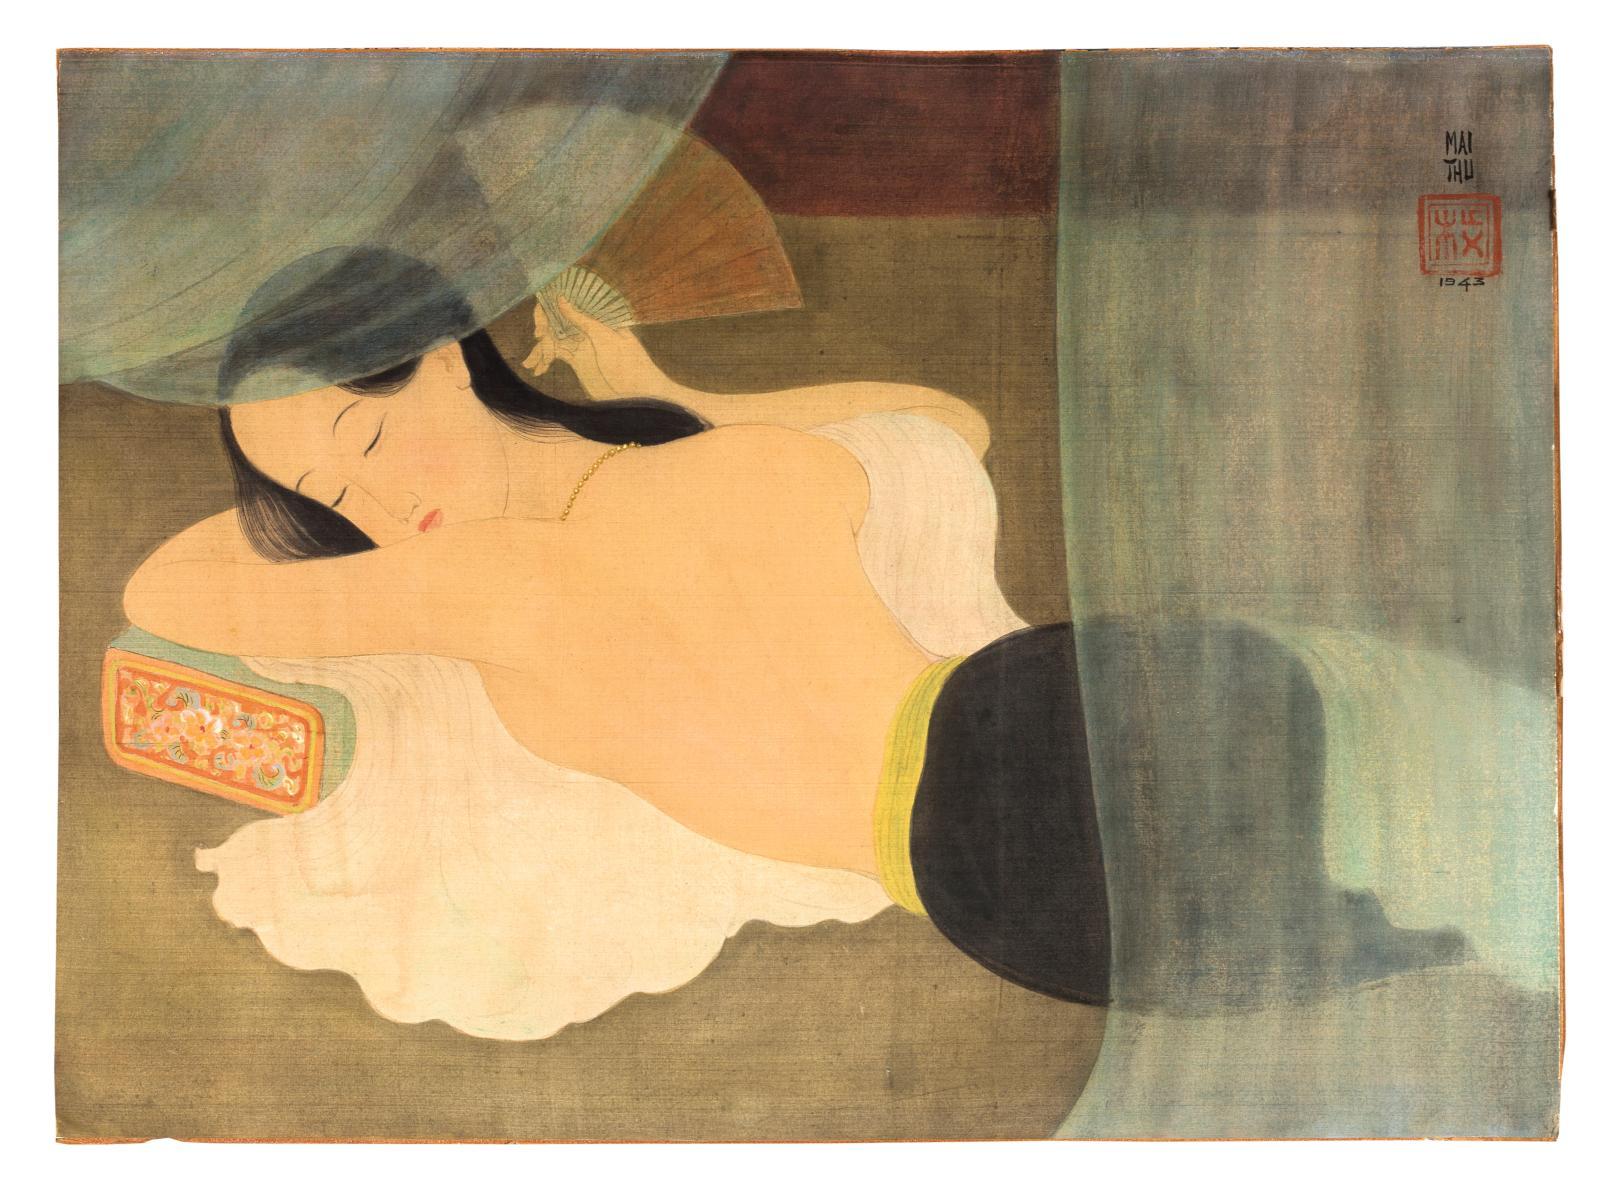 À côté des sujets sur le thème de l'enfance, la beauté féminine est l'un des sujet de prédilection de Mai Trung Thu (1906-1980). Vietnamie